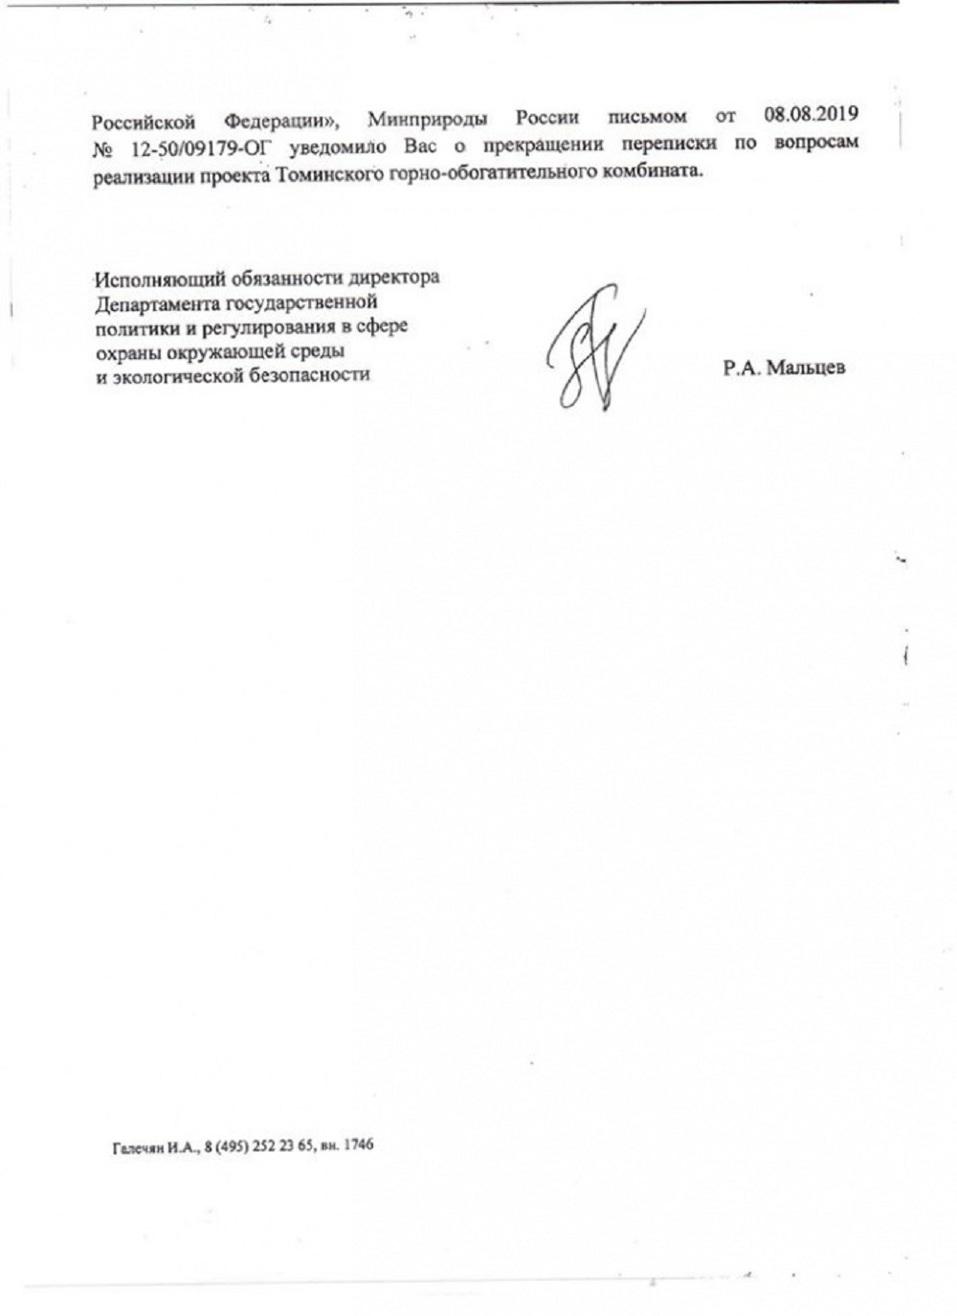 В Минприроды РФ заявили, что не отвечают за последствия работы Томинского ГОК 2